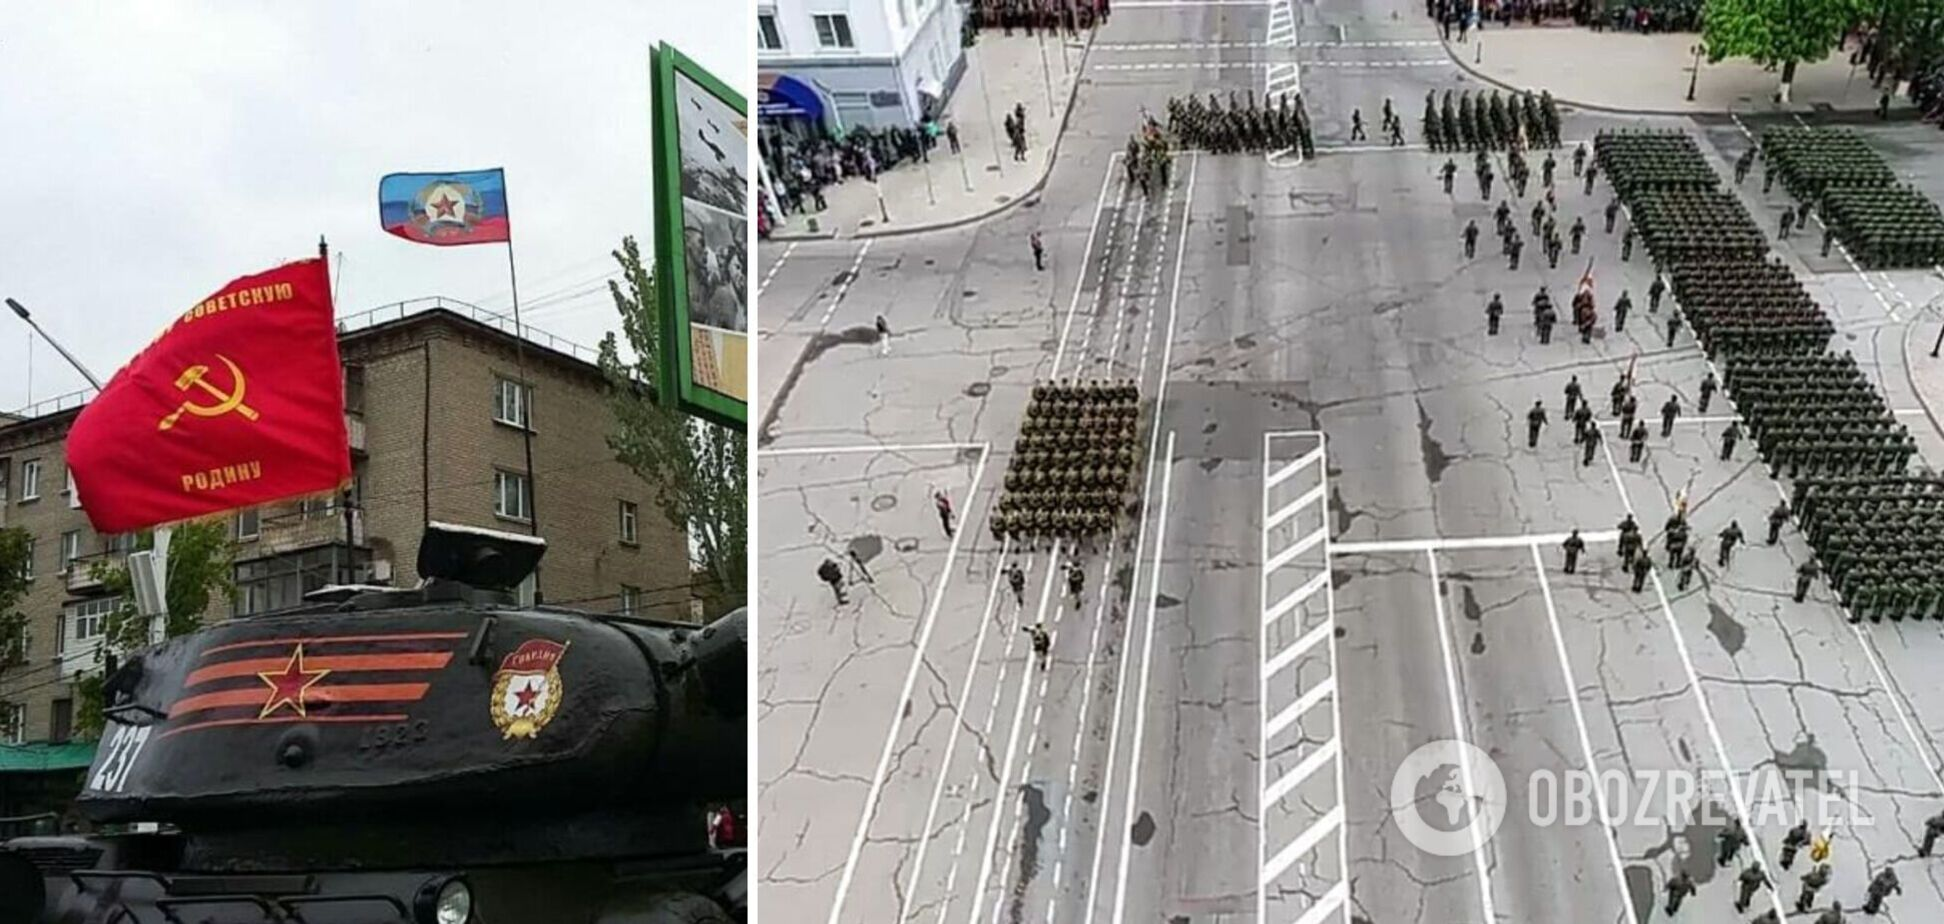 У Луганську окупанти влаштували 'військовий парад' розбитими дорогами. Фото